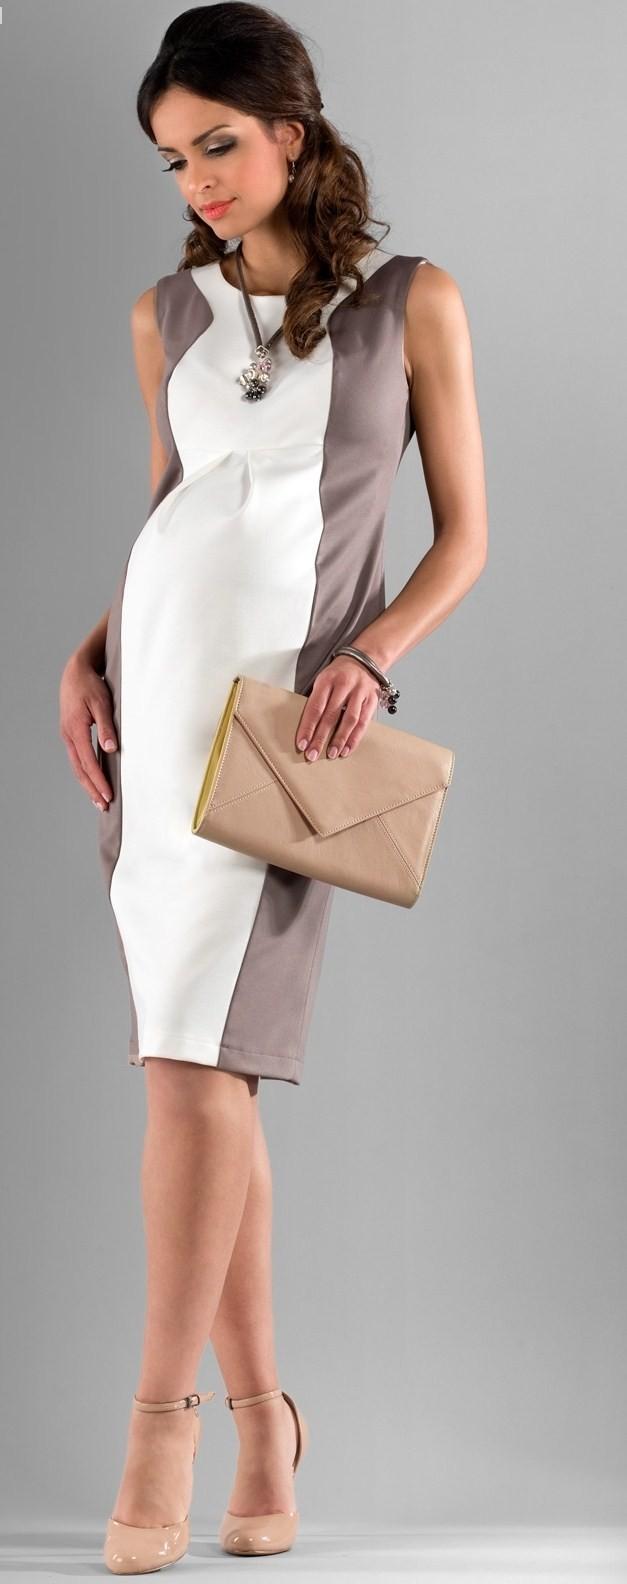 vertbaudet: référence dans le secteur de la mode pour femmes enceintes. Spécialiste de l'enfance, vertbaudet est également une référence en matière de vêtements de grossesse, avec sa marque Colline.